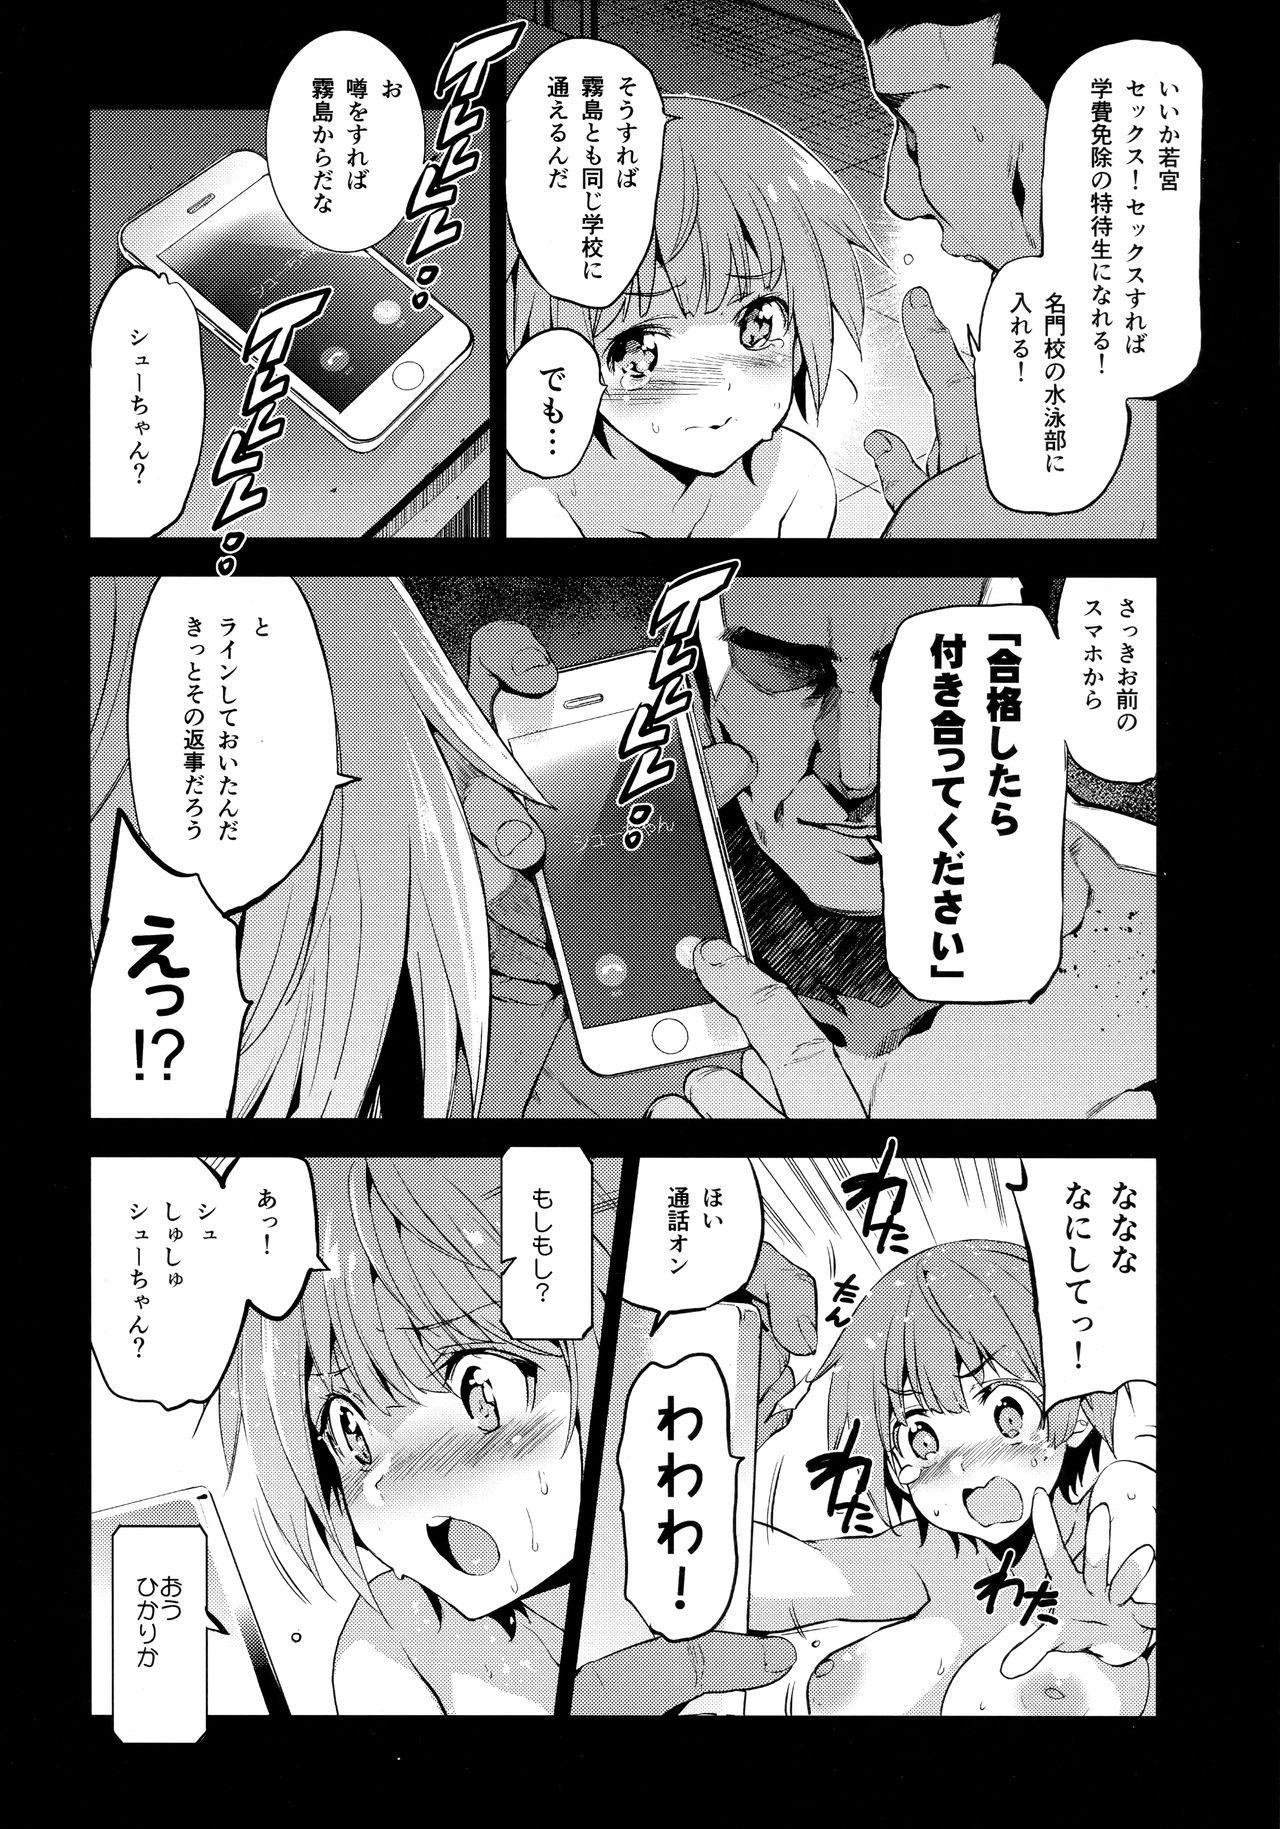 Tokutaisei Shiken - Baka Dakedo Aitsu to Issho no Gakkou Ikitai Kara Tokui Bunya de Ganbatta. 14